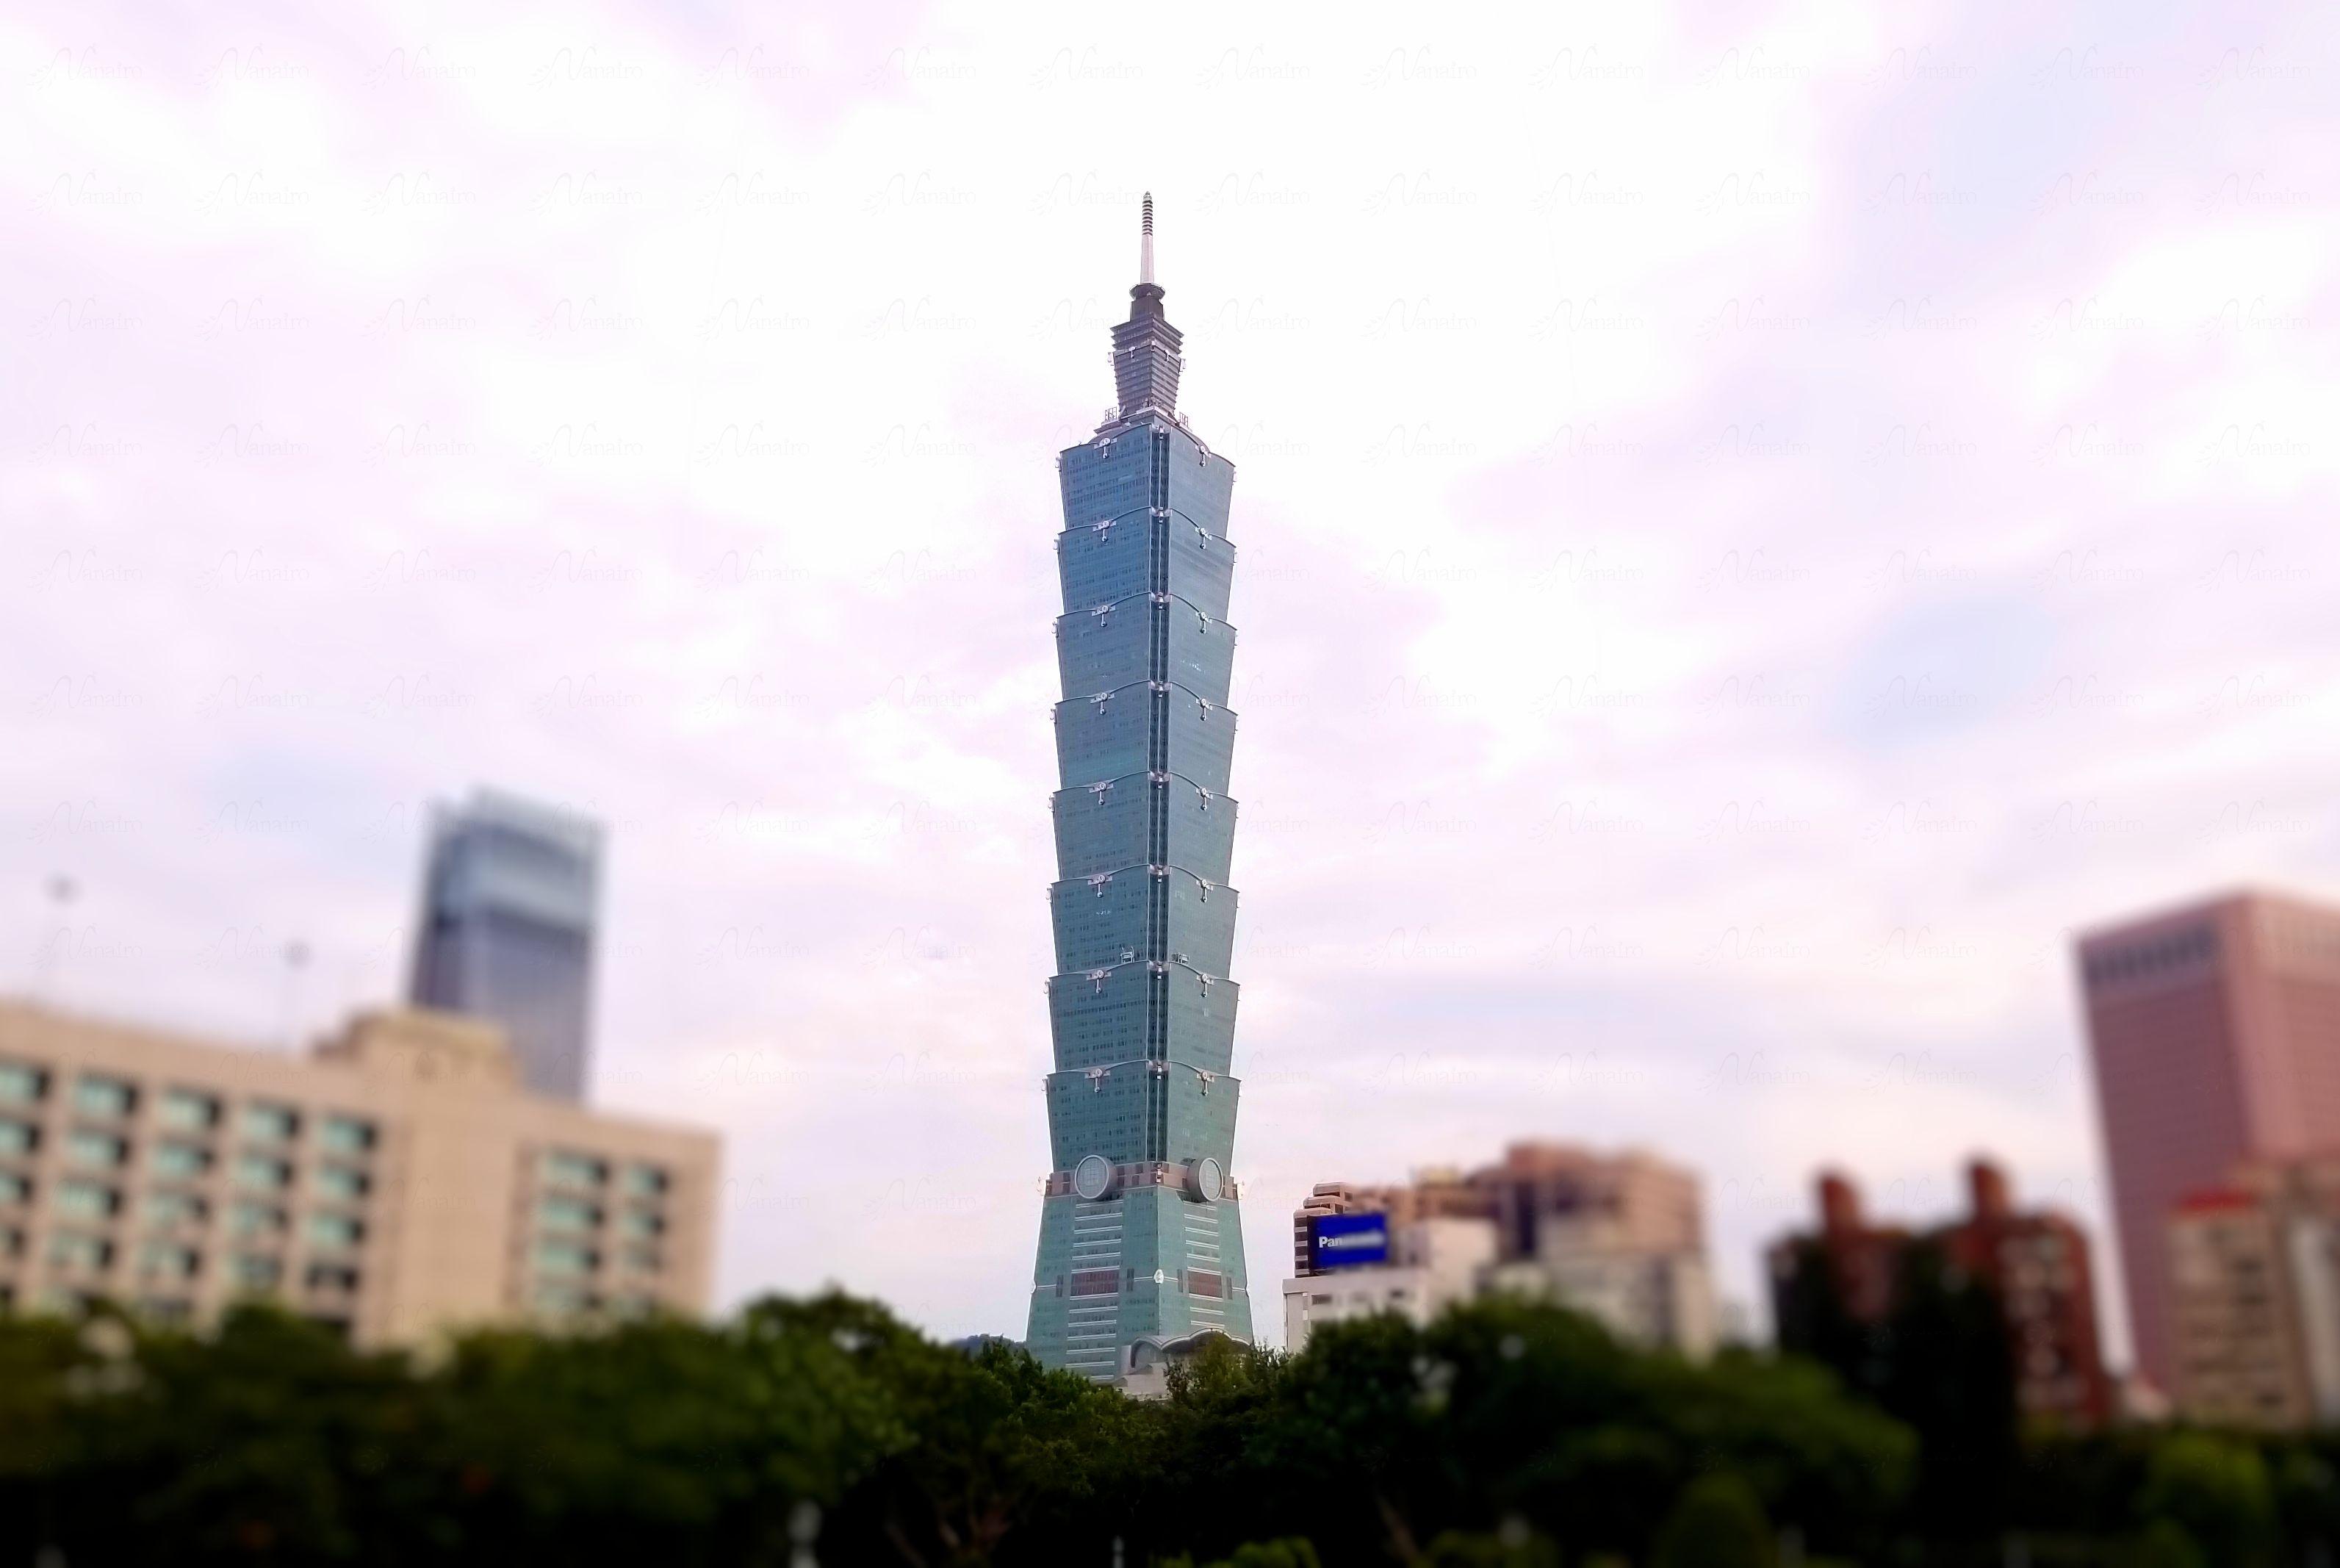 台湾旅行で台北101の展望台は上るべき?101の特徴と見所を紹介